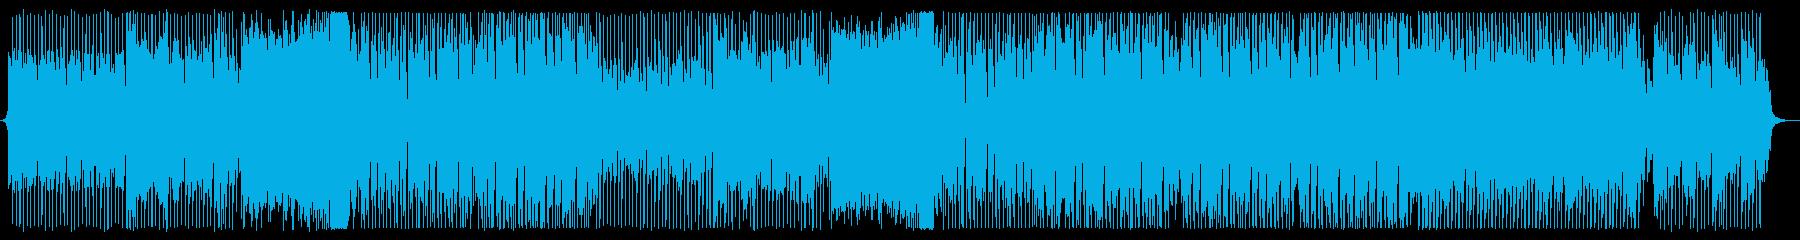 力強いテクノミュージックの再生済みの波形